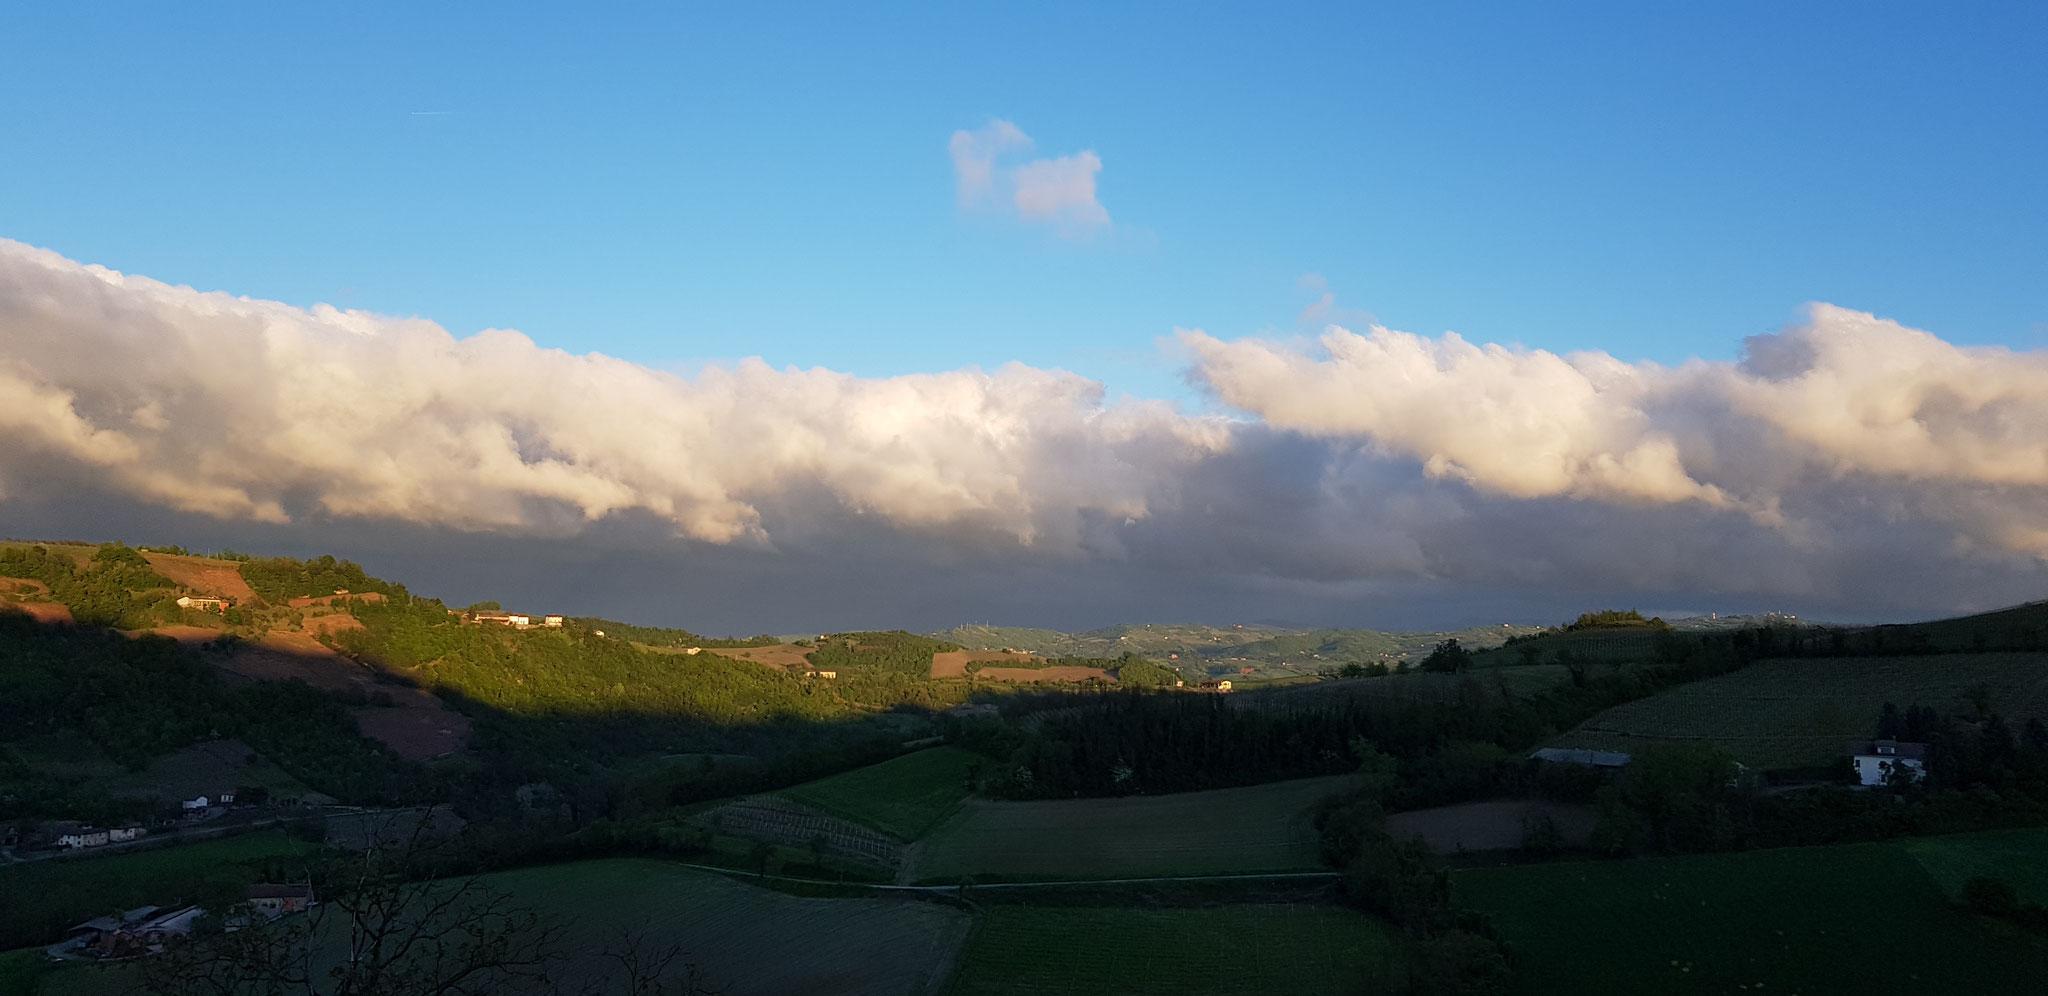 Langsam verziehen sich die Regenwolken und machen dem Sonnenschein Platz.